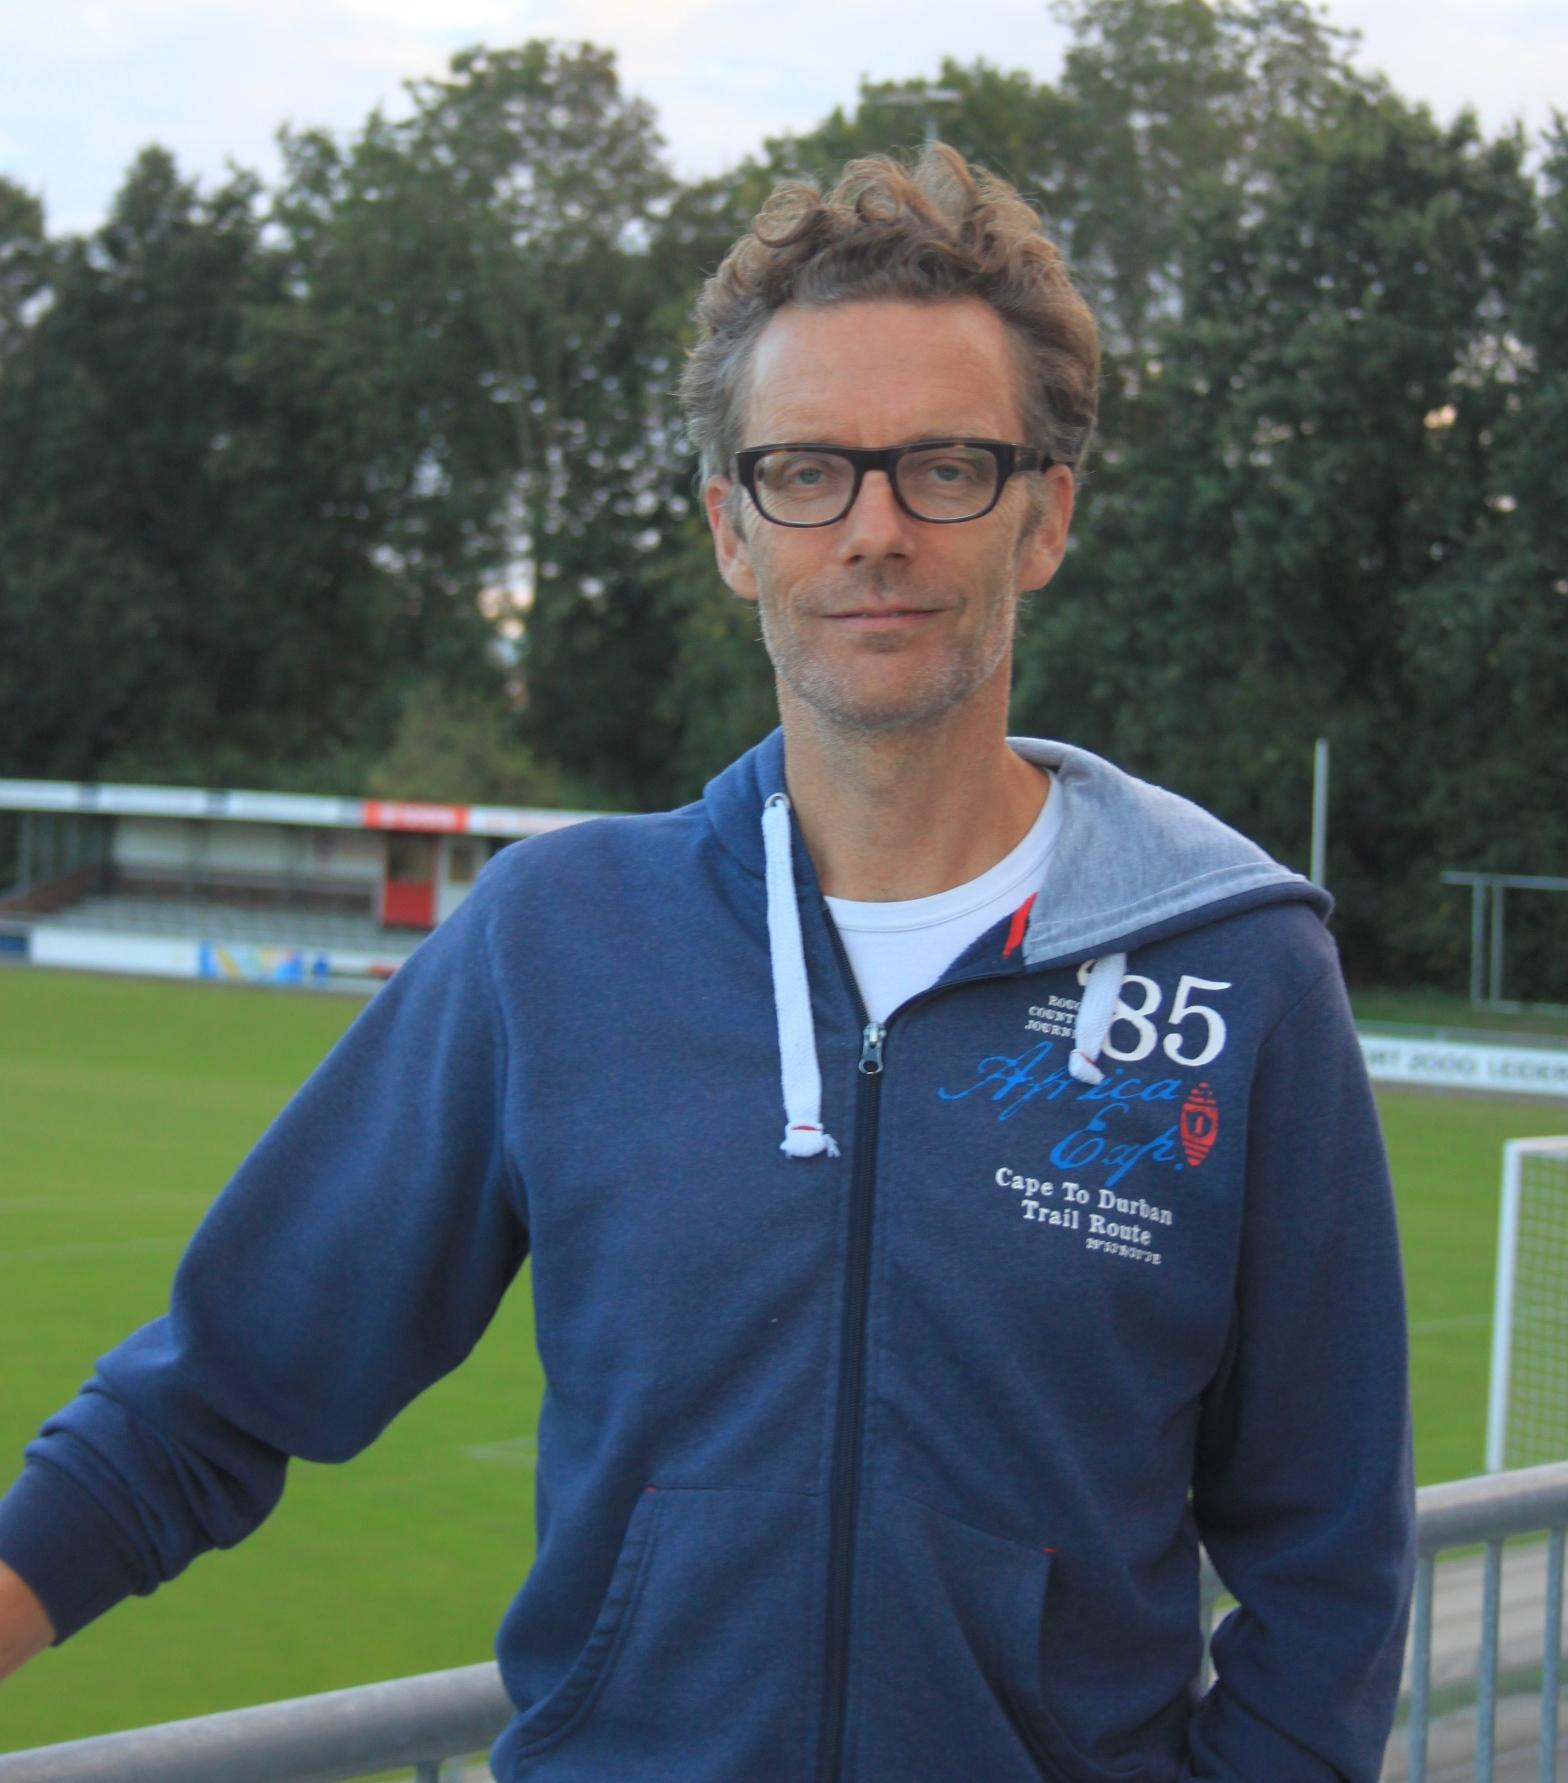 Marcus van Duin